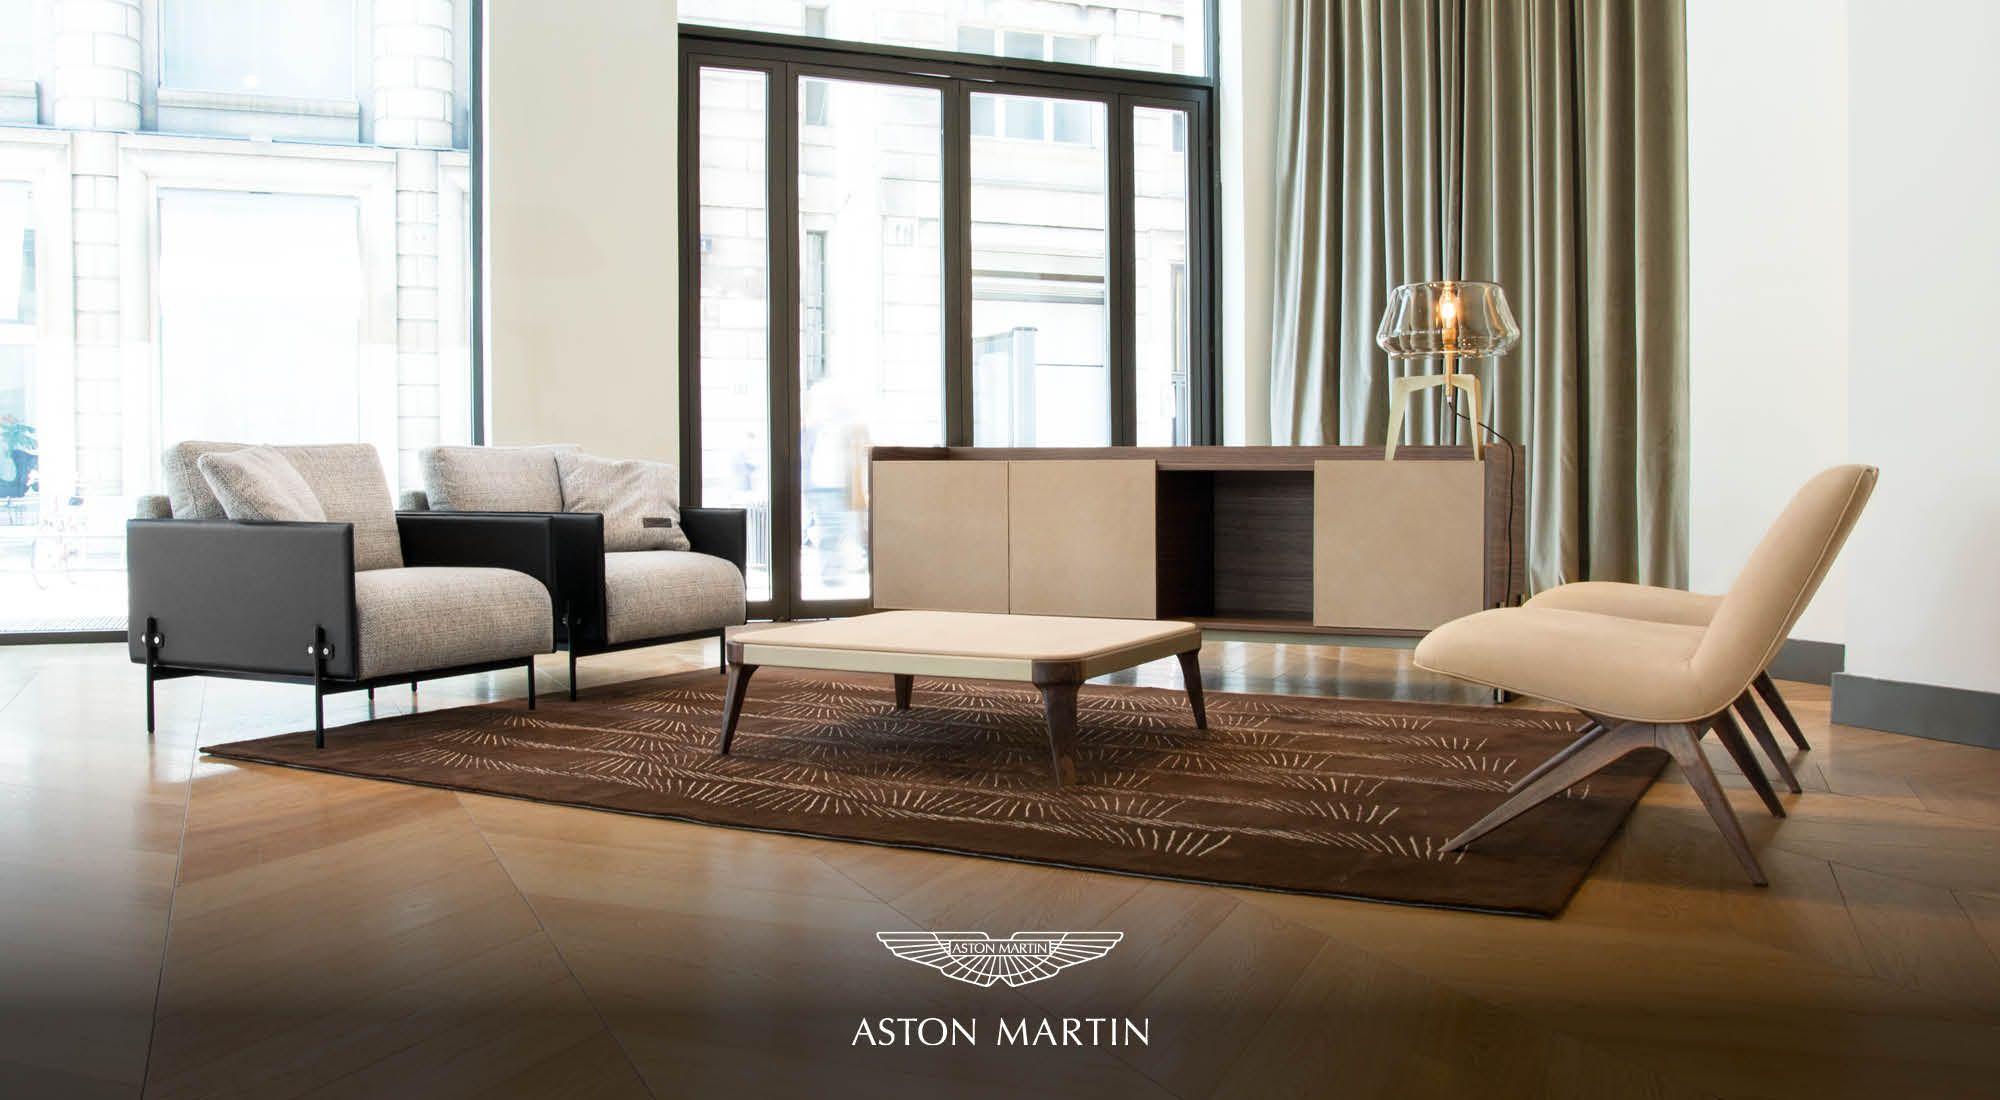 Aston Martin Formitalia Luxury Group Aston Martin Martin Furniture Aston